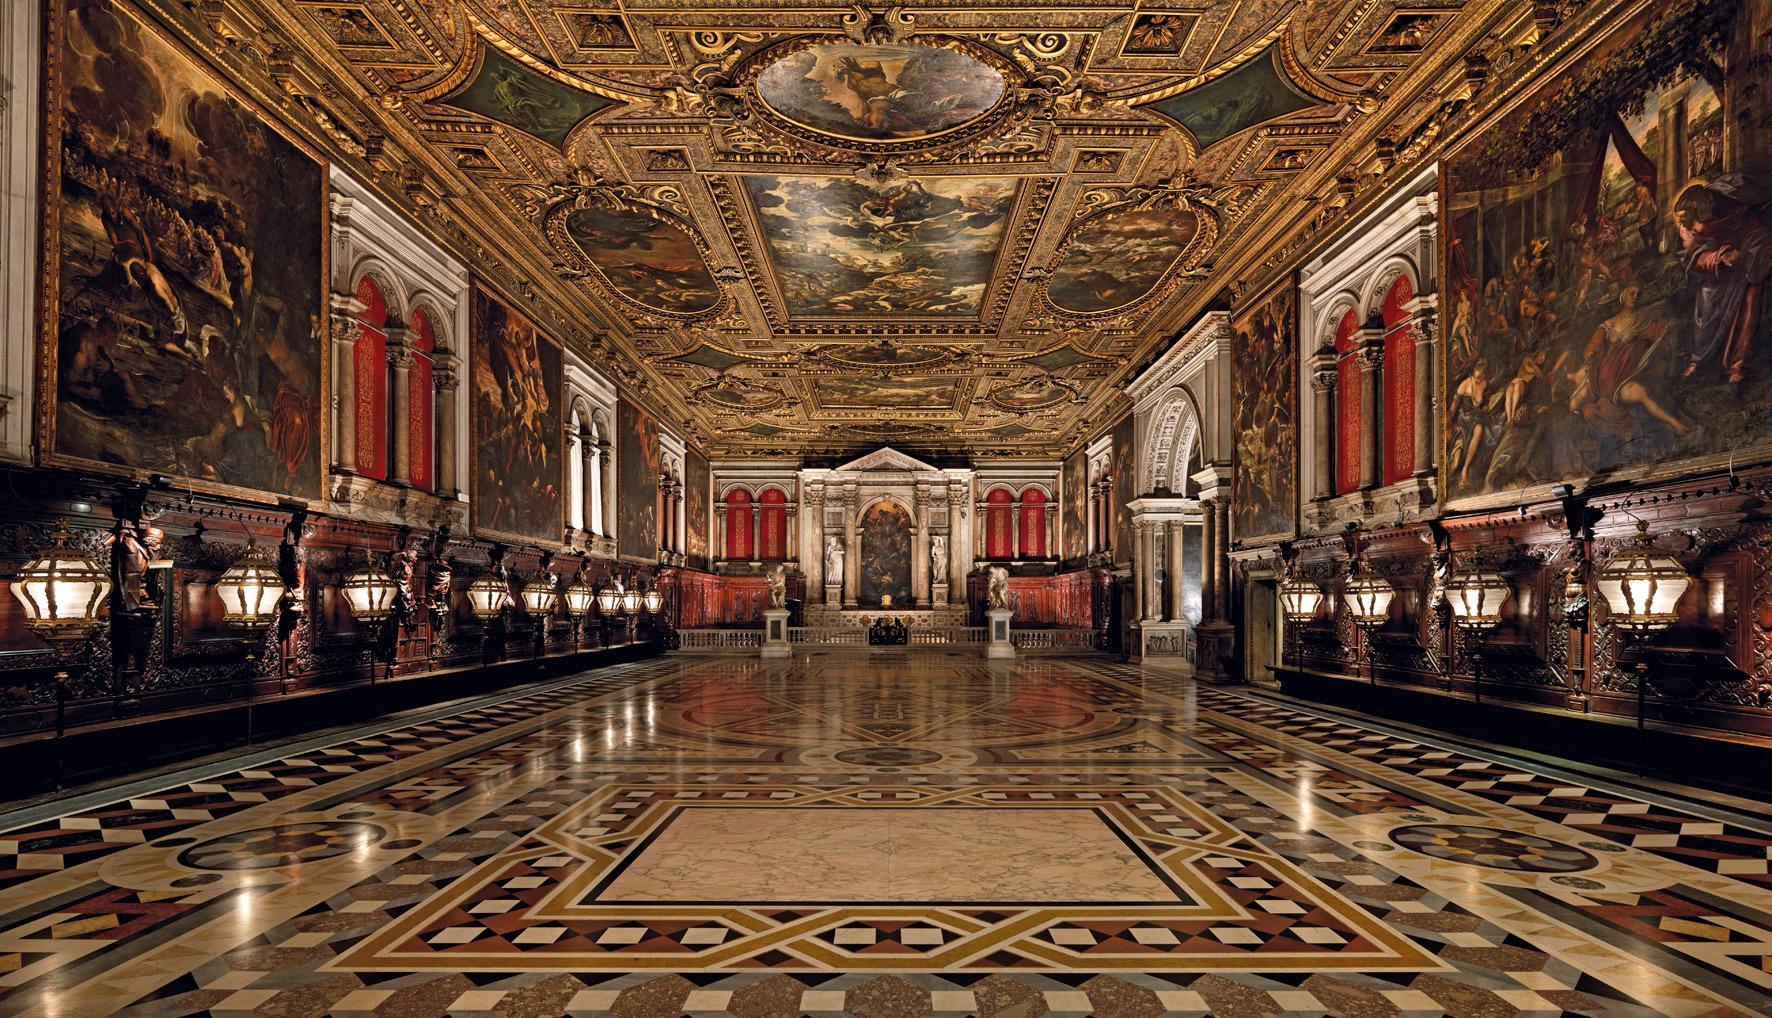 Sala Superiore, Scuola Grande de San Rocco, decorada en sus paredes y techos por Tintoretto